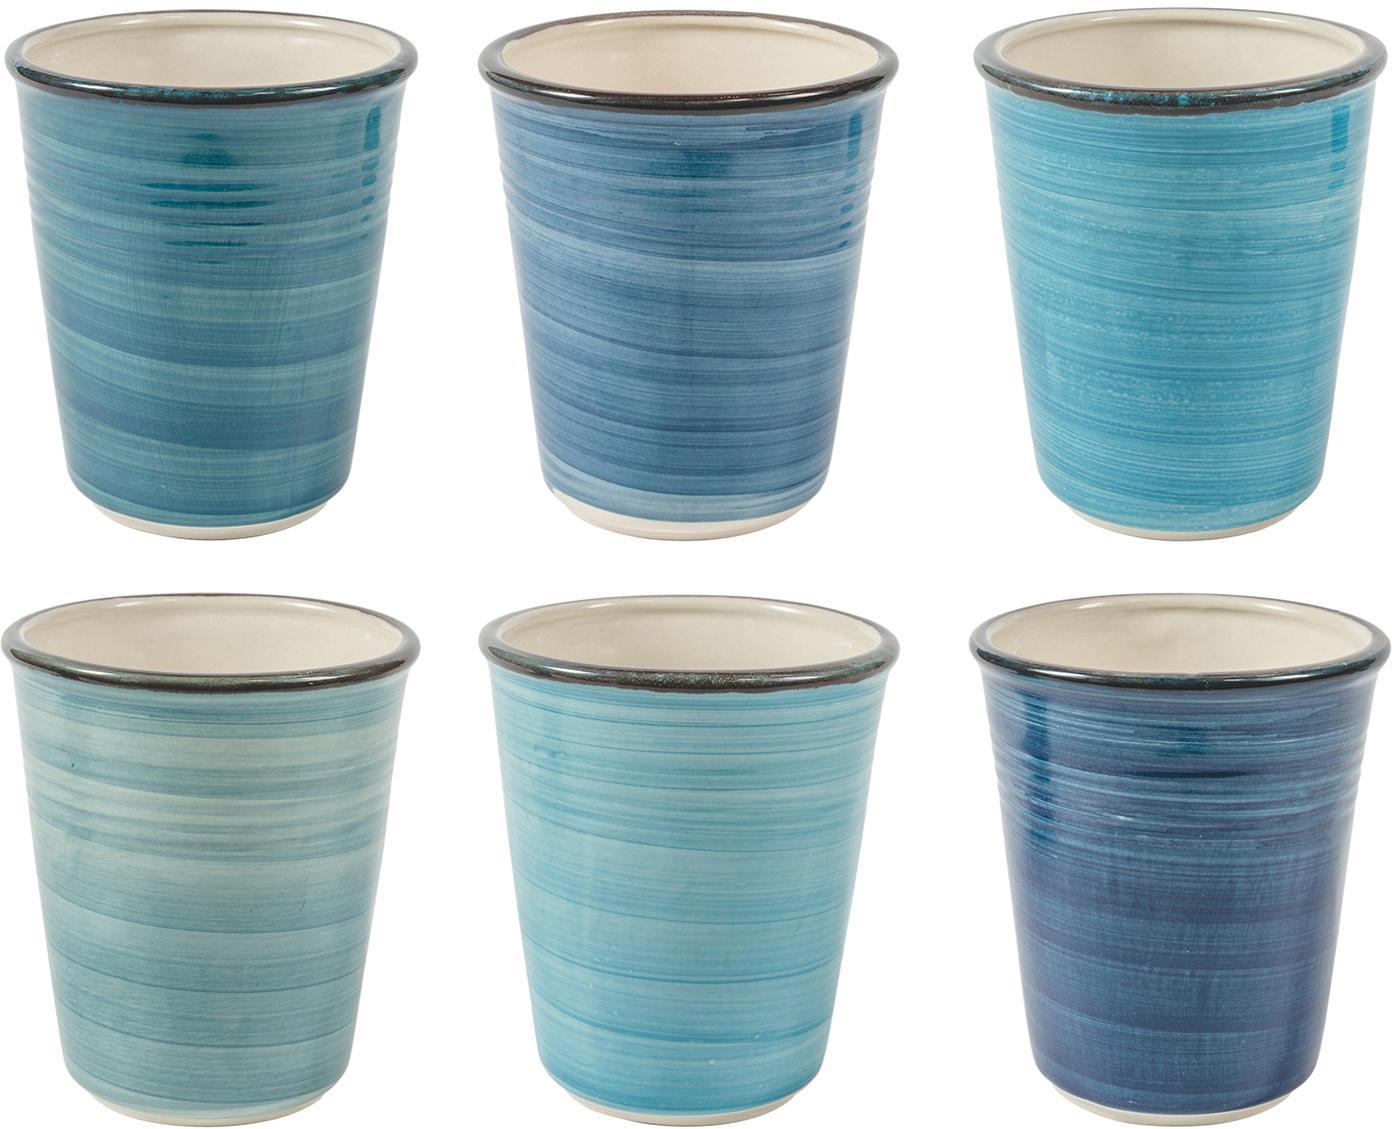 Tazas Baita, 6uds., Gres, Tonos azules, Ø 9 x Al 11 cm